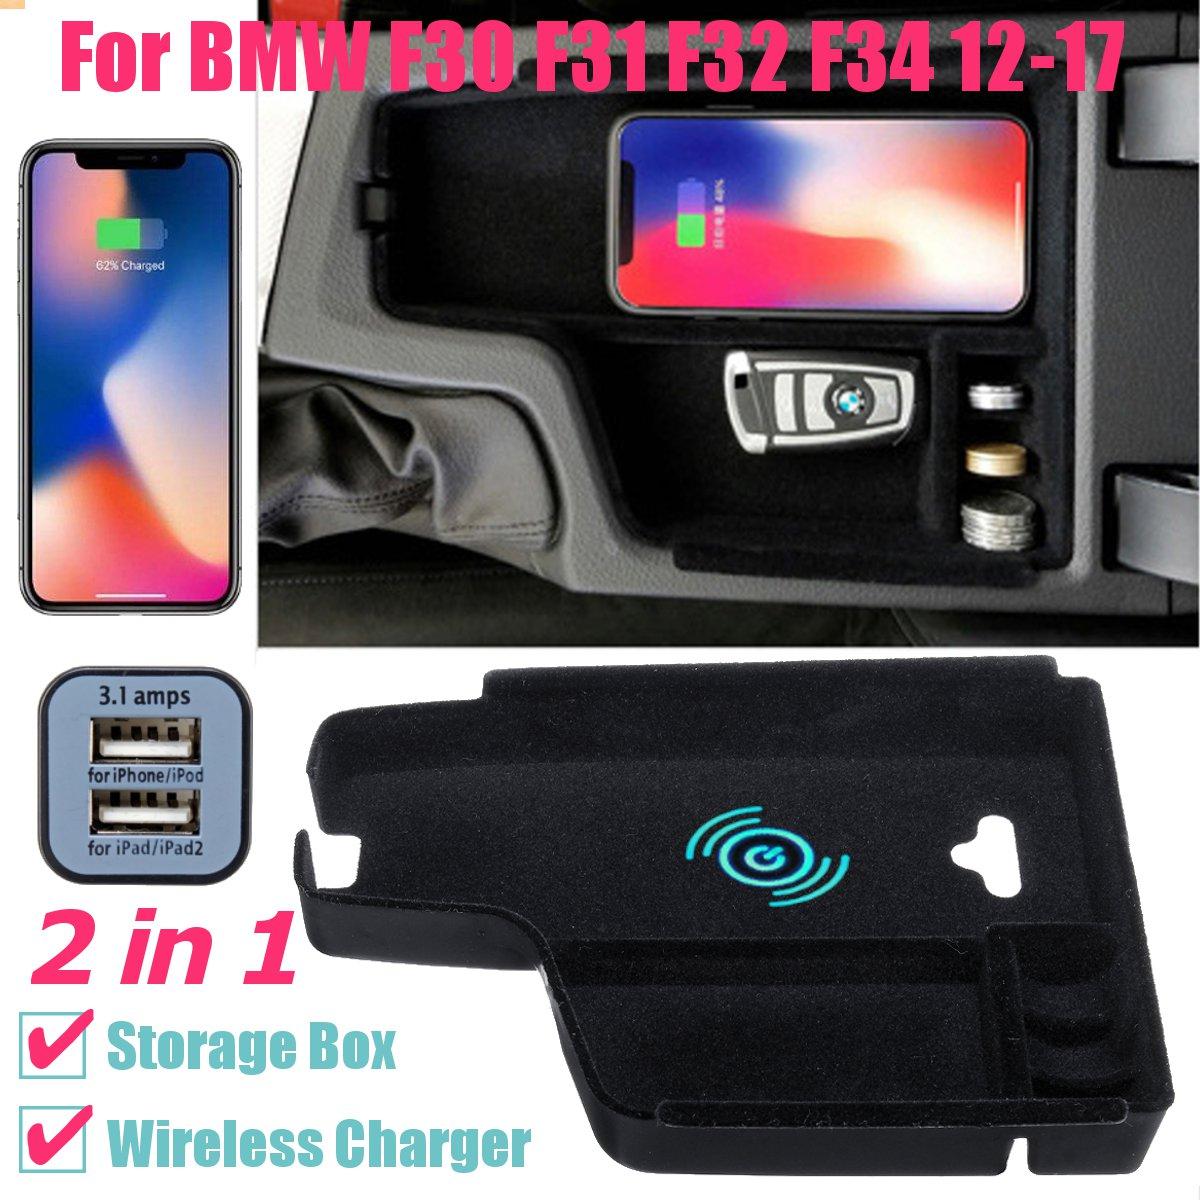 携帯電話ワイヤレス充電収納ボックス Bmw 5 6 シリーズ X3 X4 X5 X6 G30 G38 F10 F15 F16 f20 F21 F25 F30 F32 F34 F48